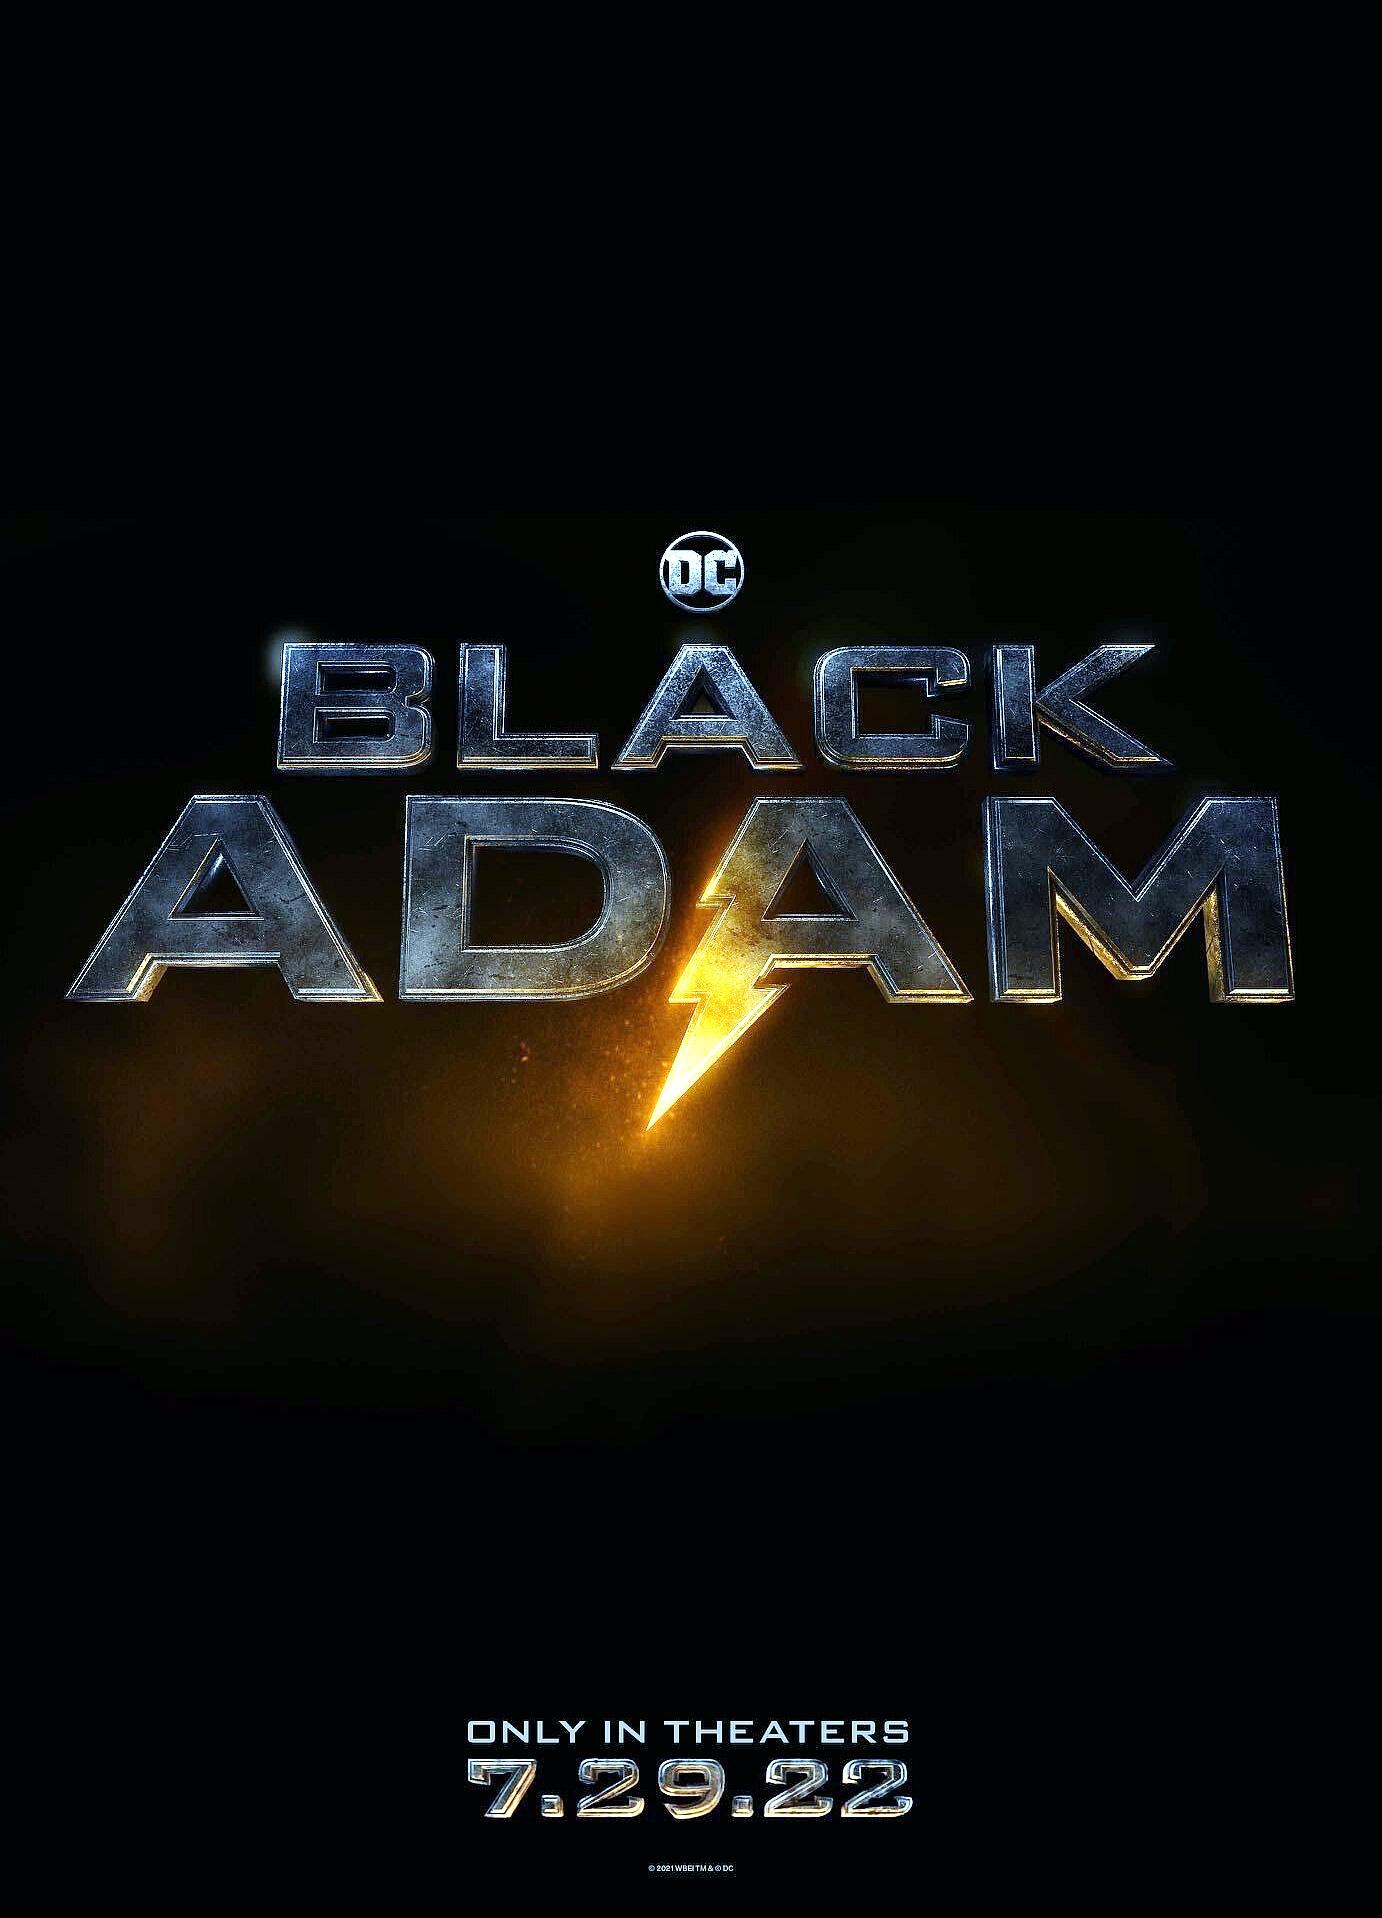 adao negro dwayne johnson revela data de lancamento em poster - Adão Negro | Dwayne Johnson revela data de lançamento em pôster e vídeo